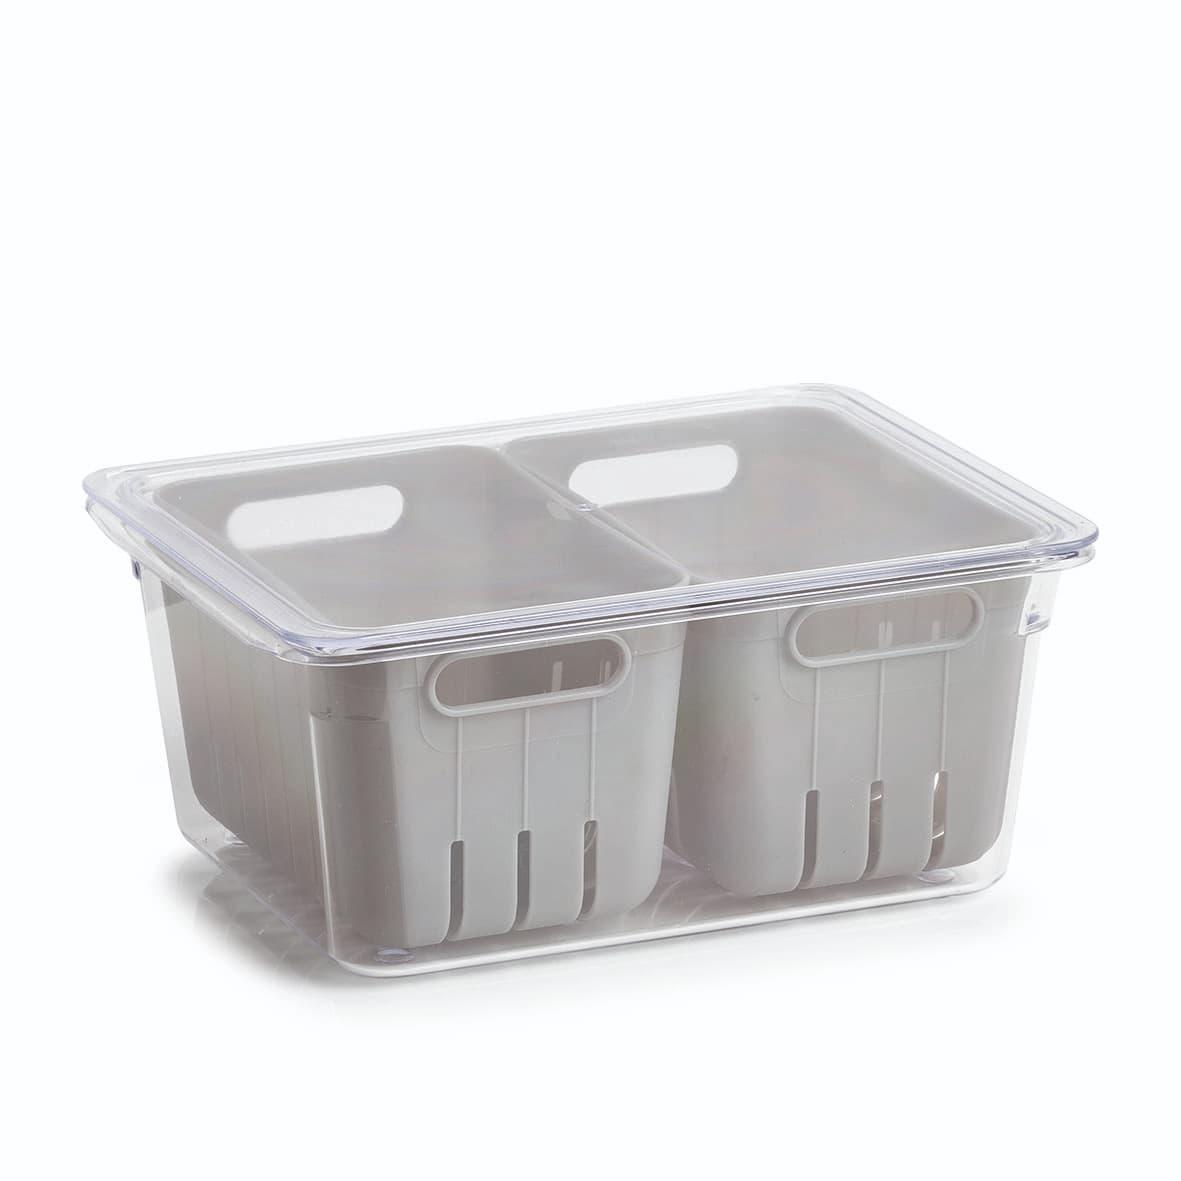 Cutie depozitare pentru frigider, din plastic, Freeze Gri, L22,5xl17,5xH10 cm poza